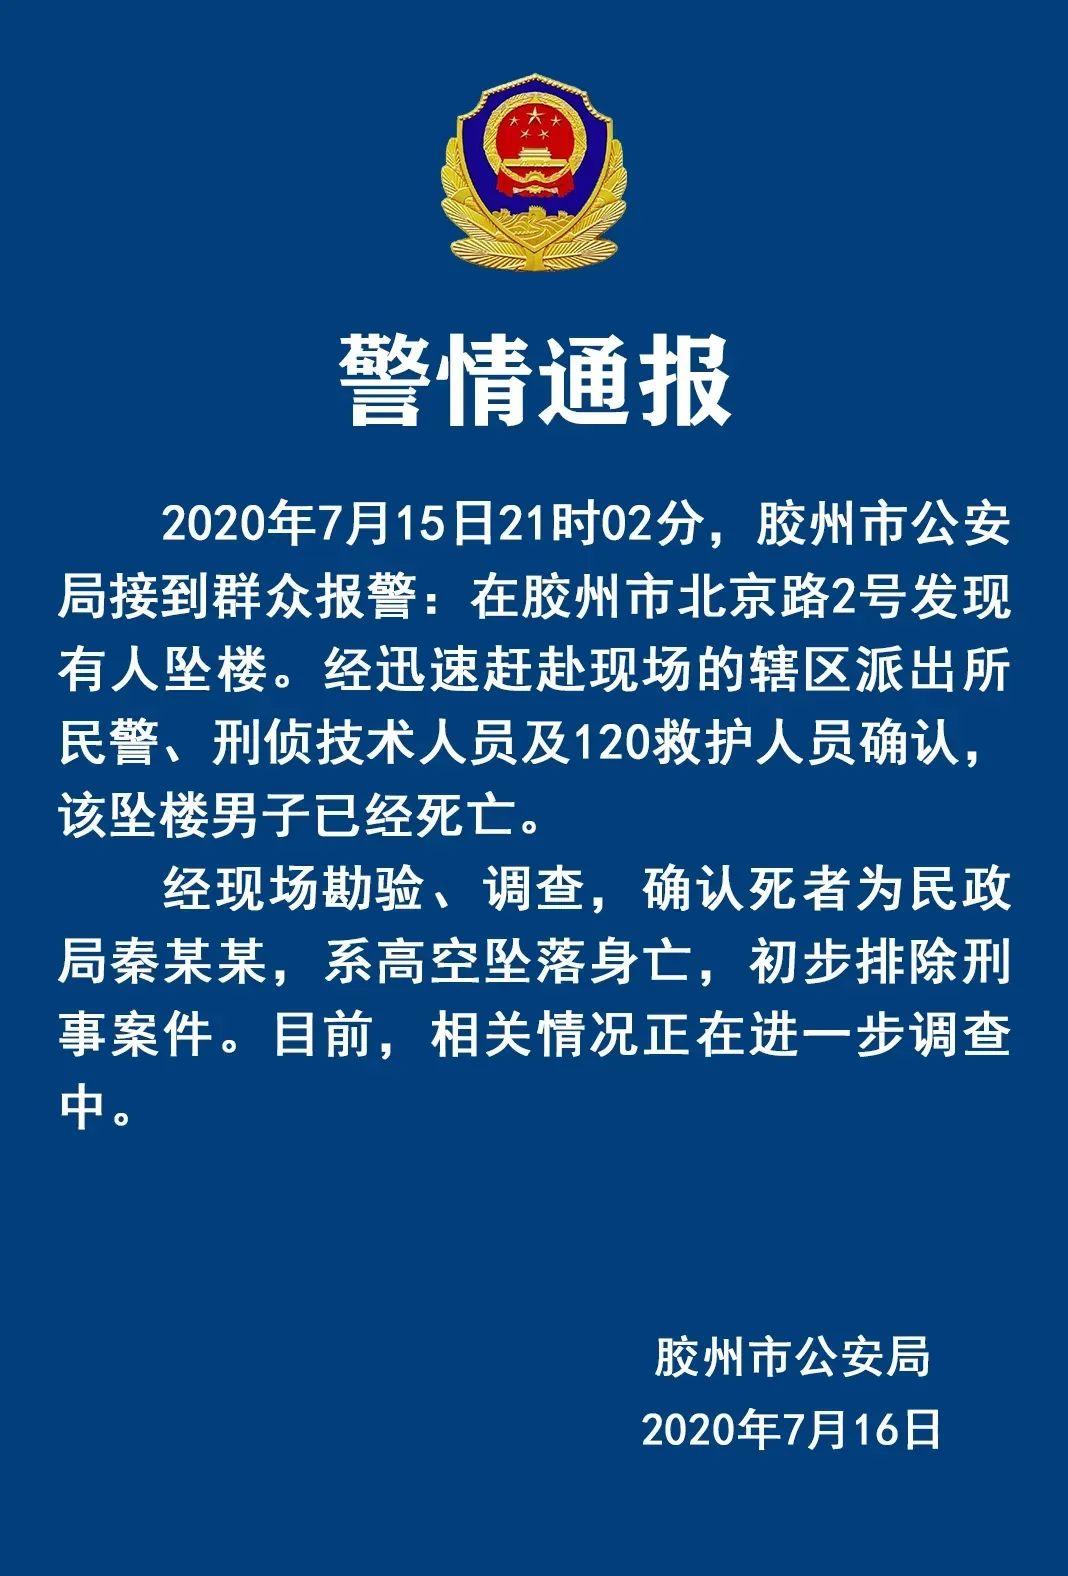 警方通报胶州民政局局长坠亡 初步排除刑事案件